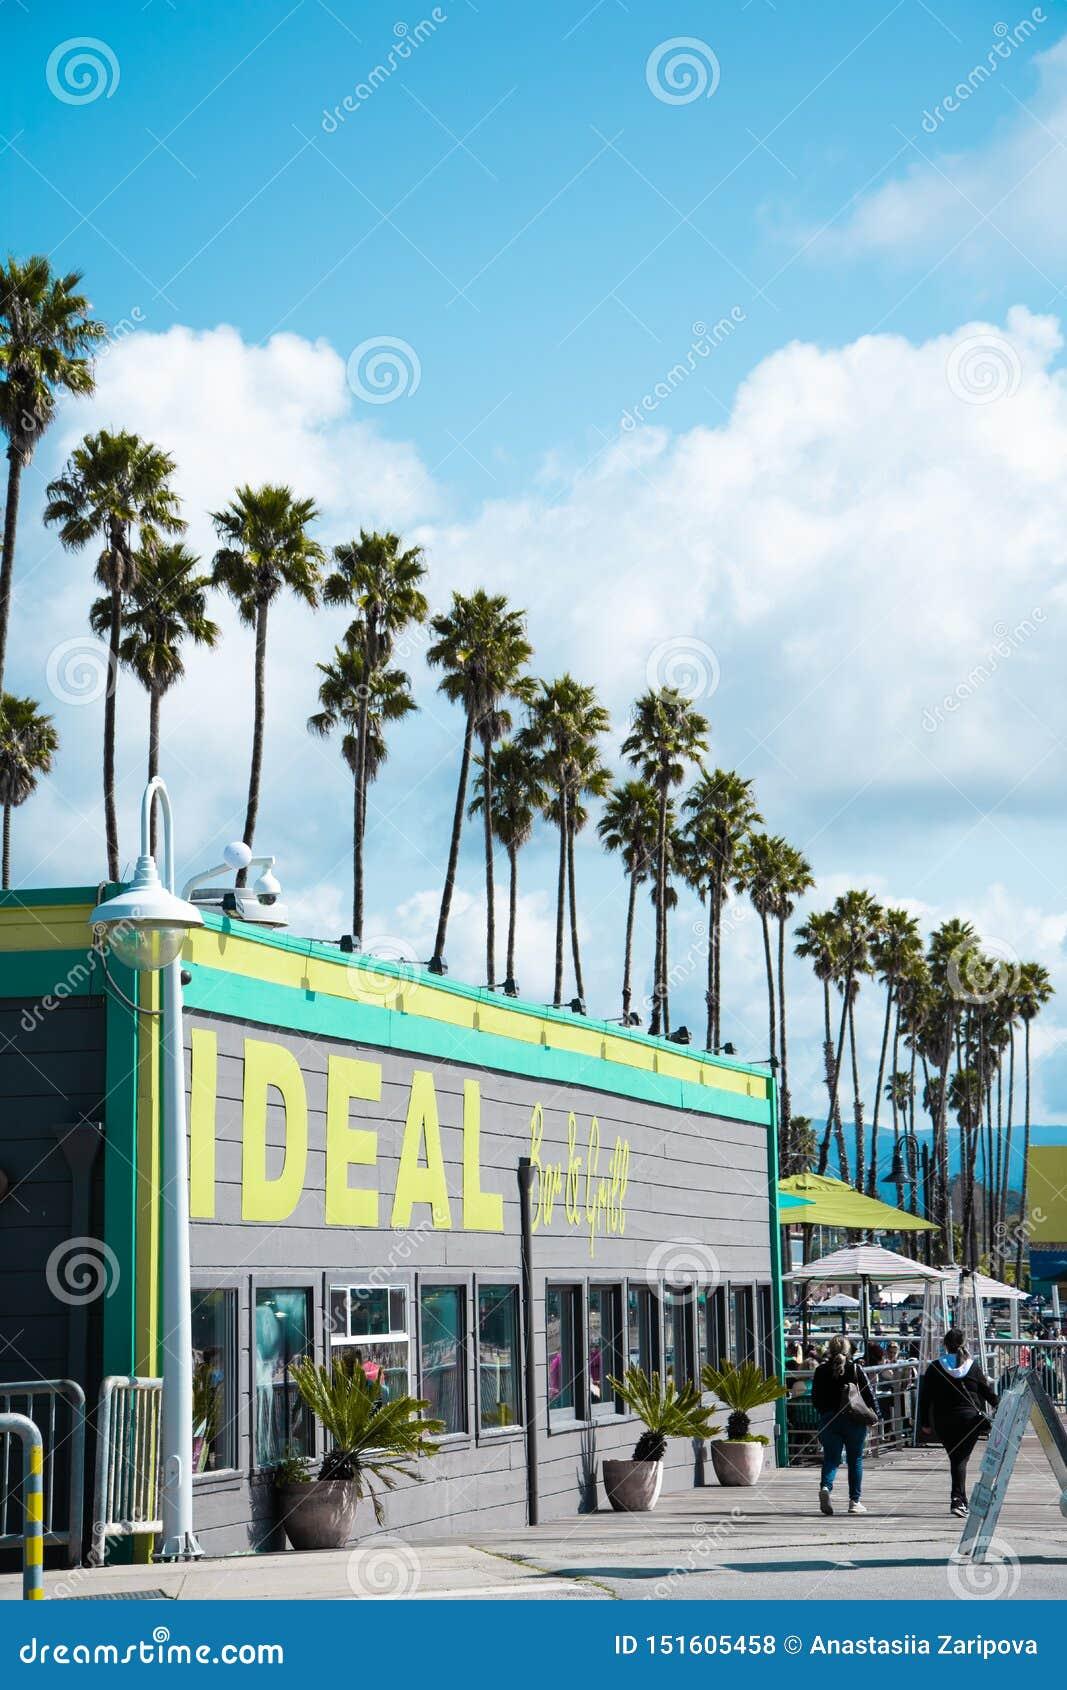 Restaurant in Santa Cruz Beach Boardwalk